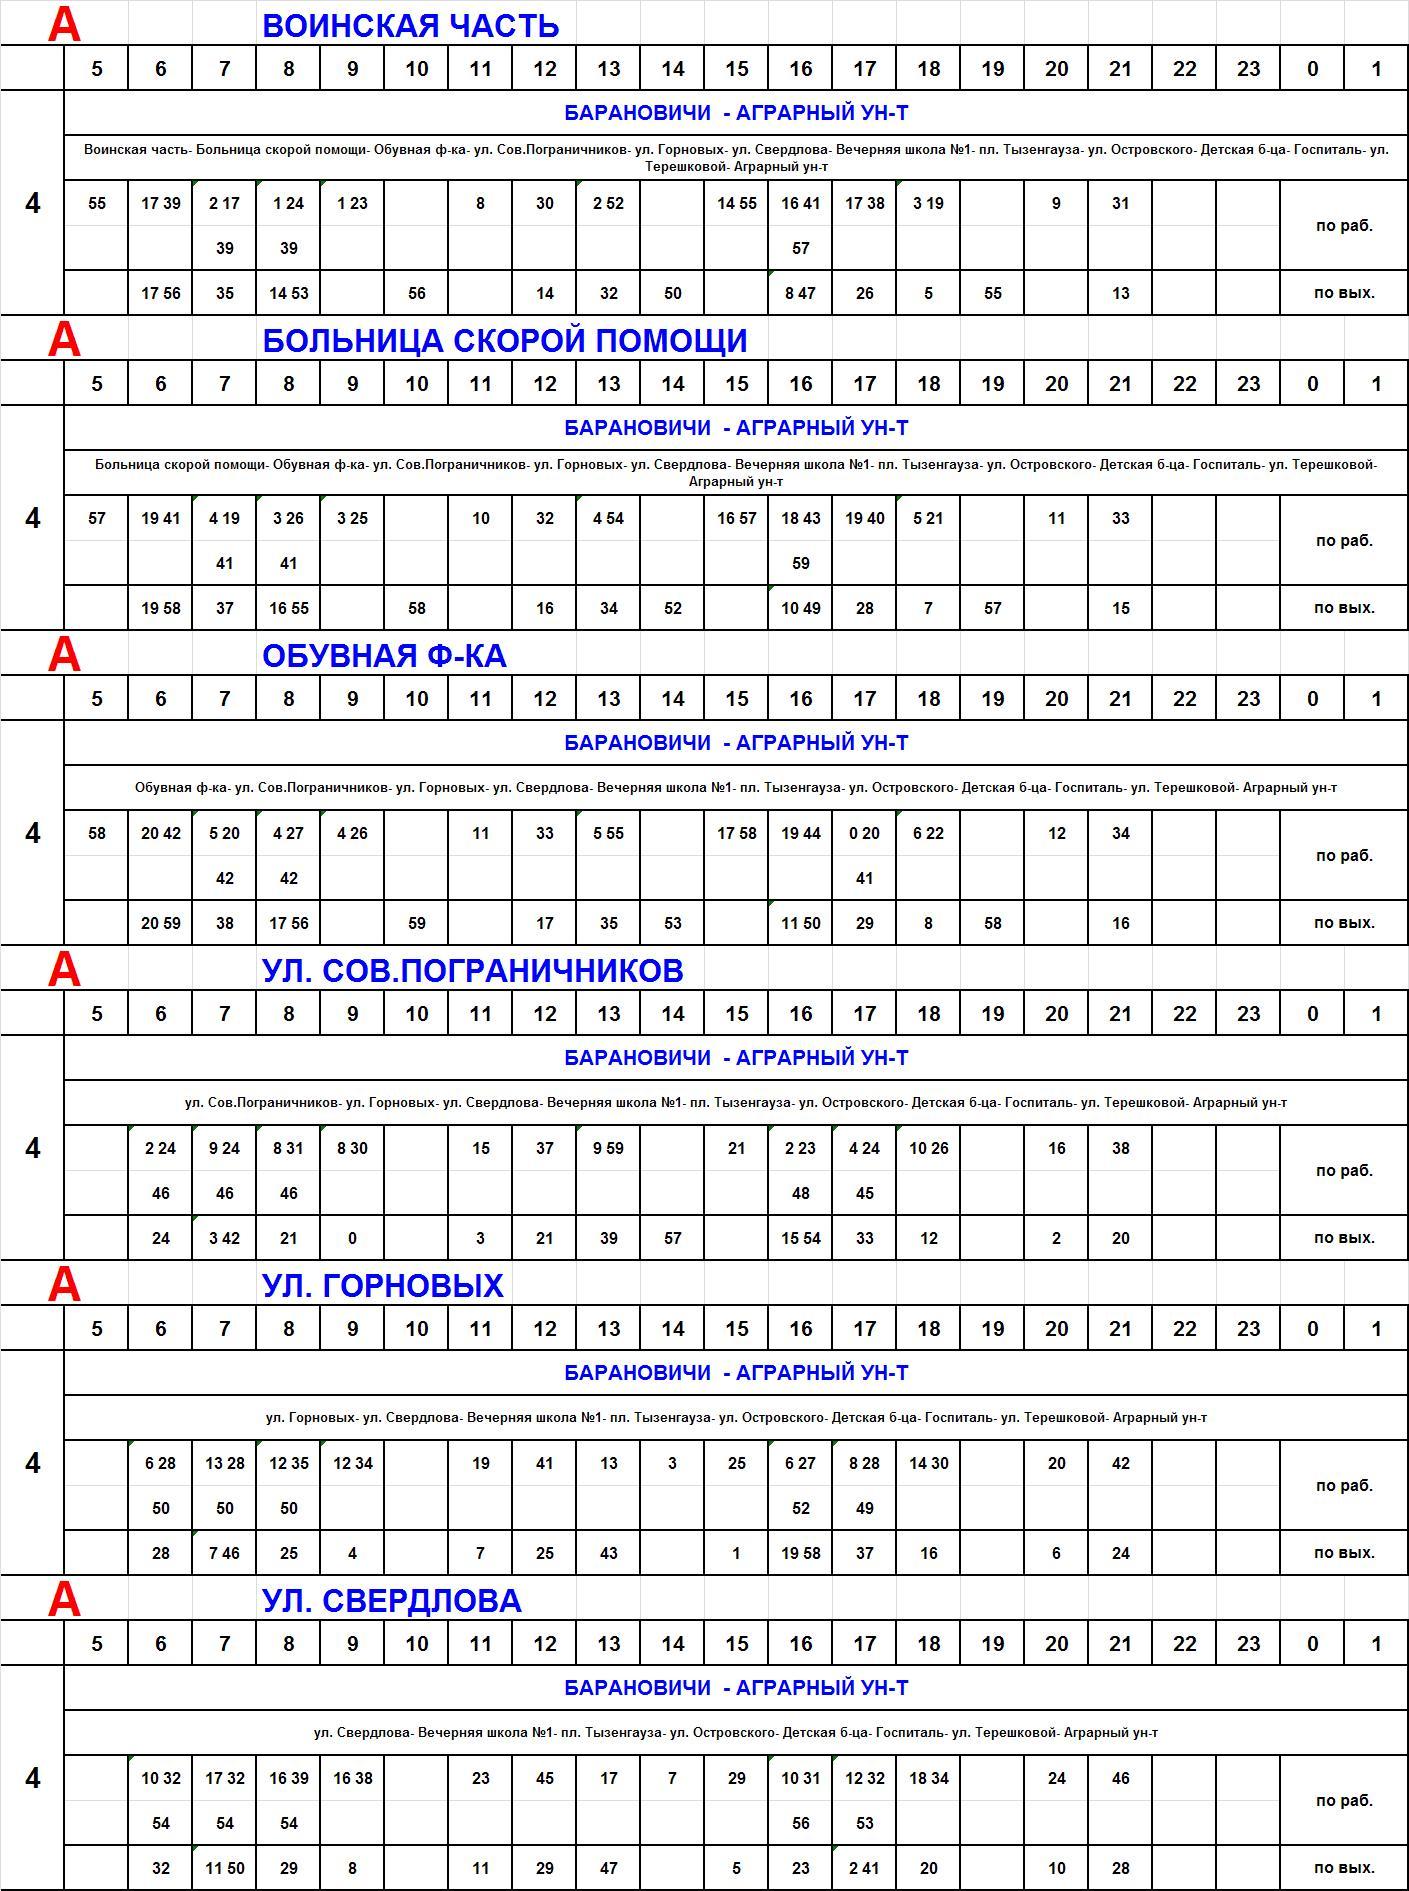 Расписание автобусов г. Барановичи на 2018 год